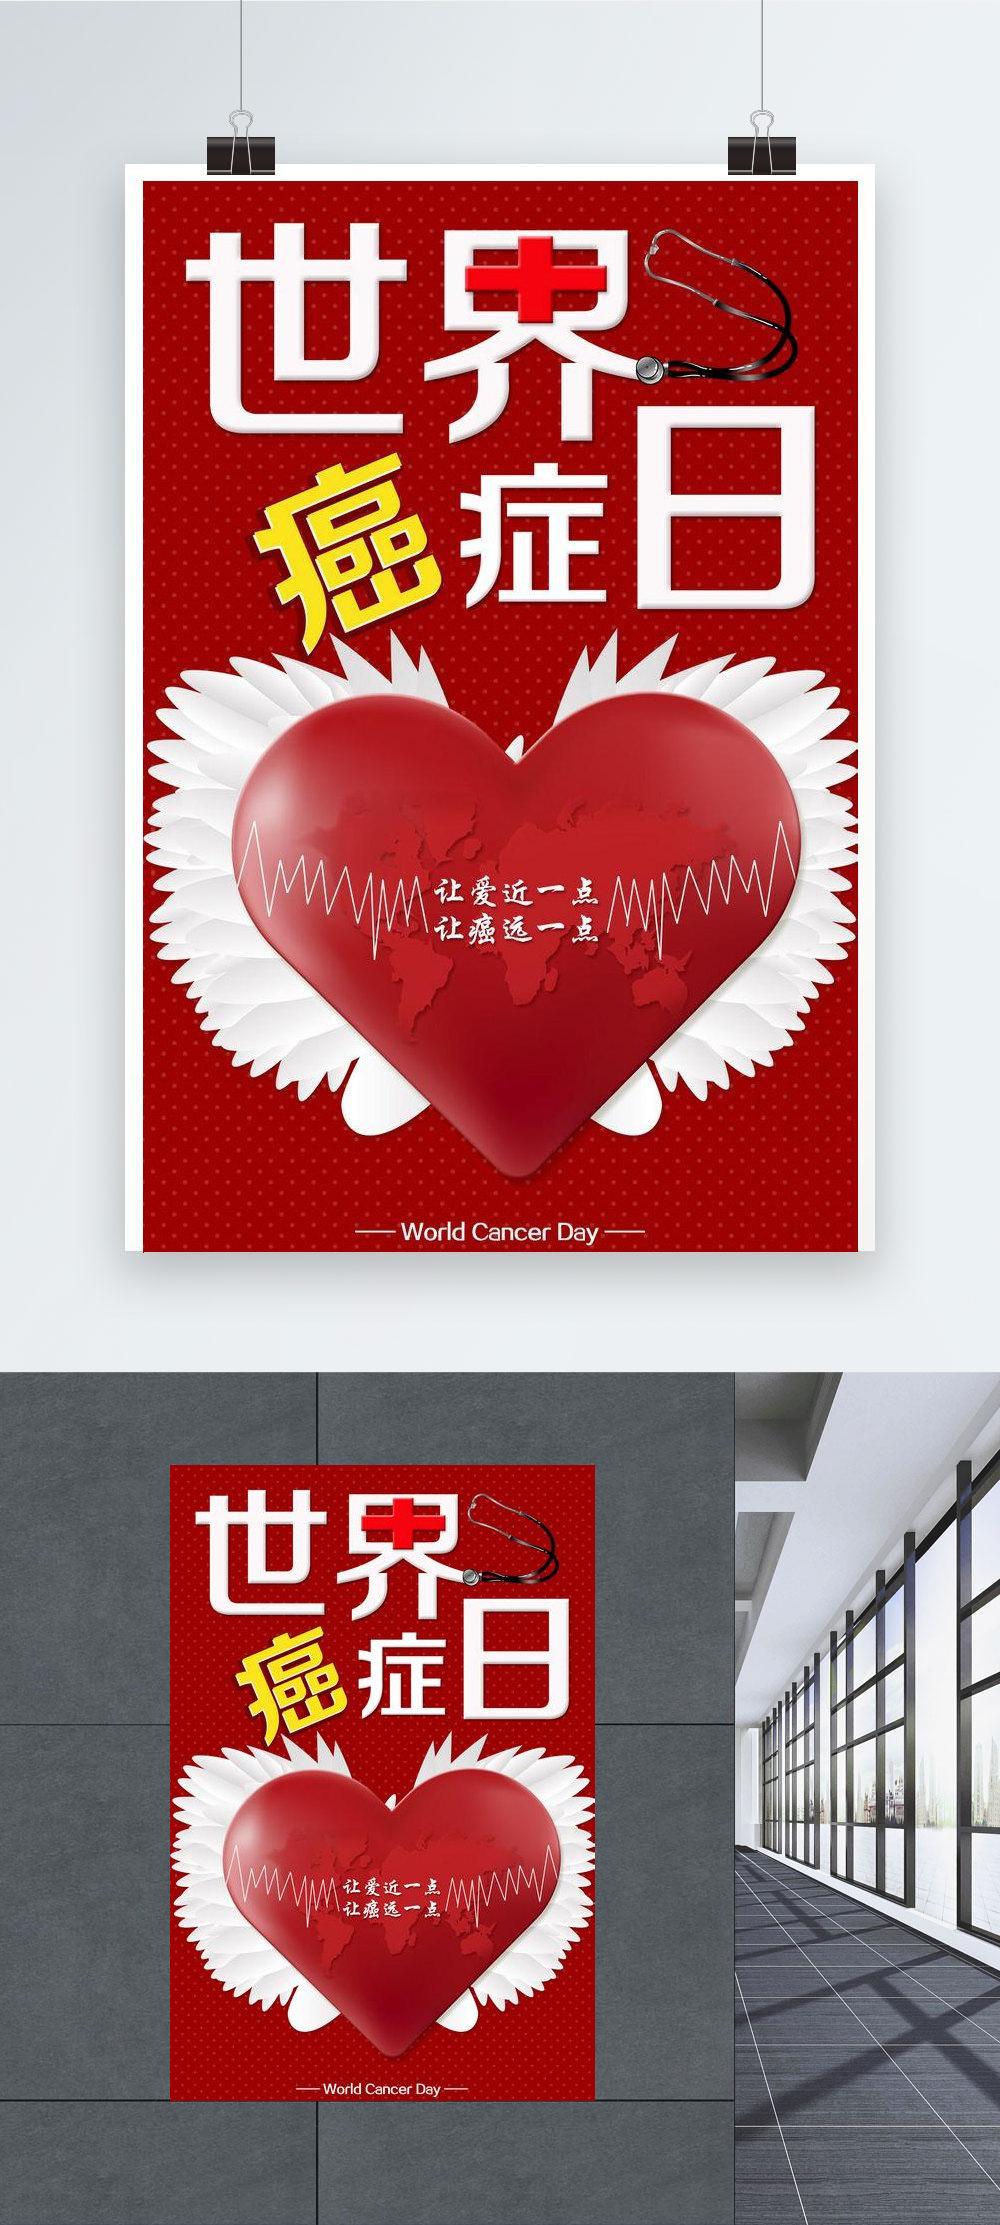 poster promosi hari kanker dunia gambar unduh gratis_ Templat 664847466 ...